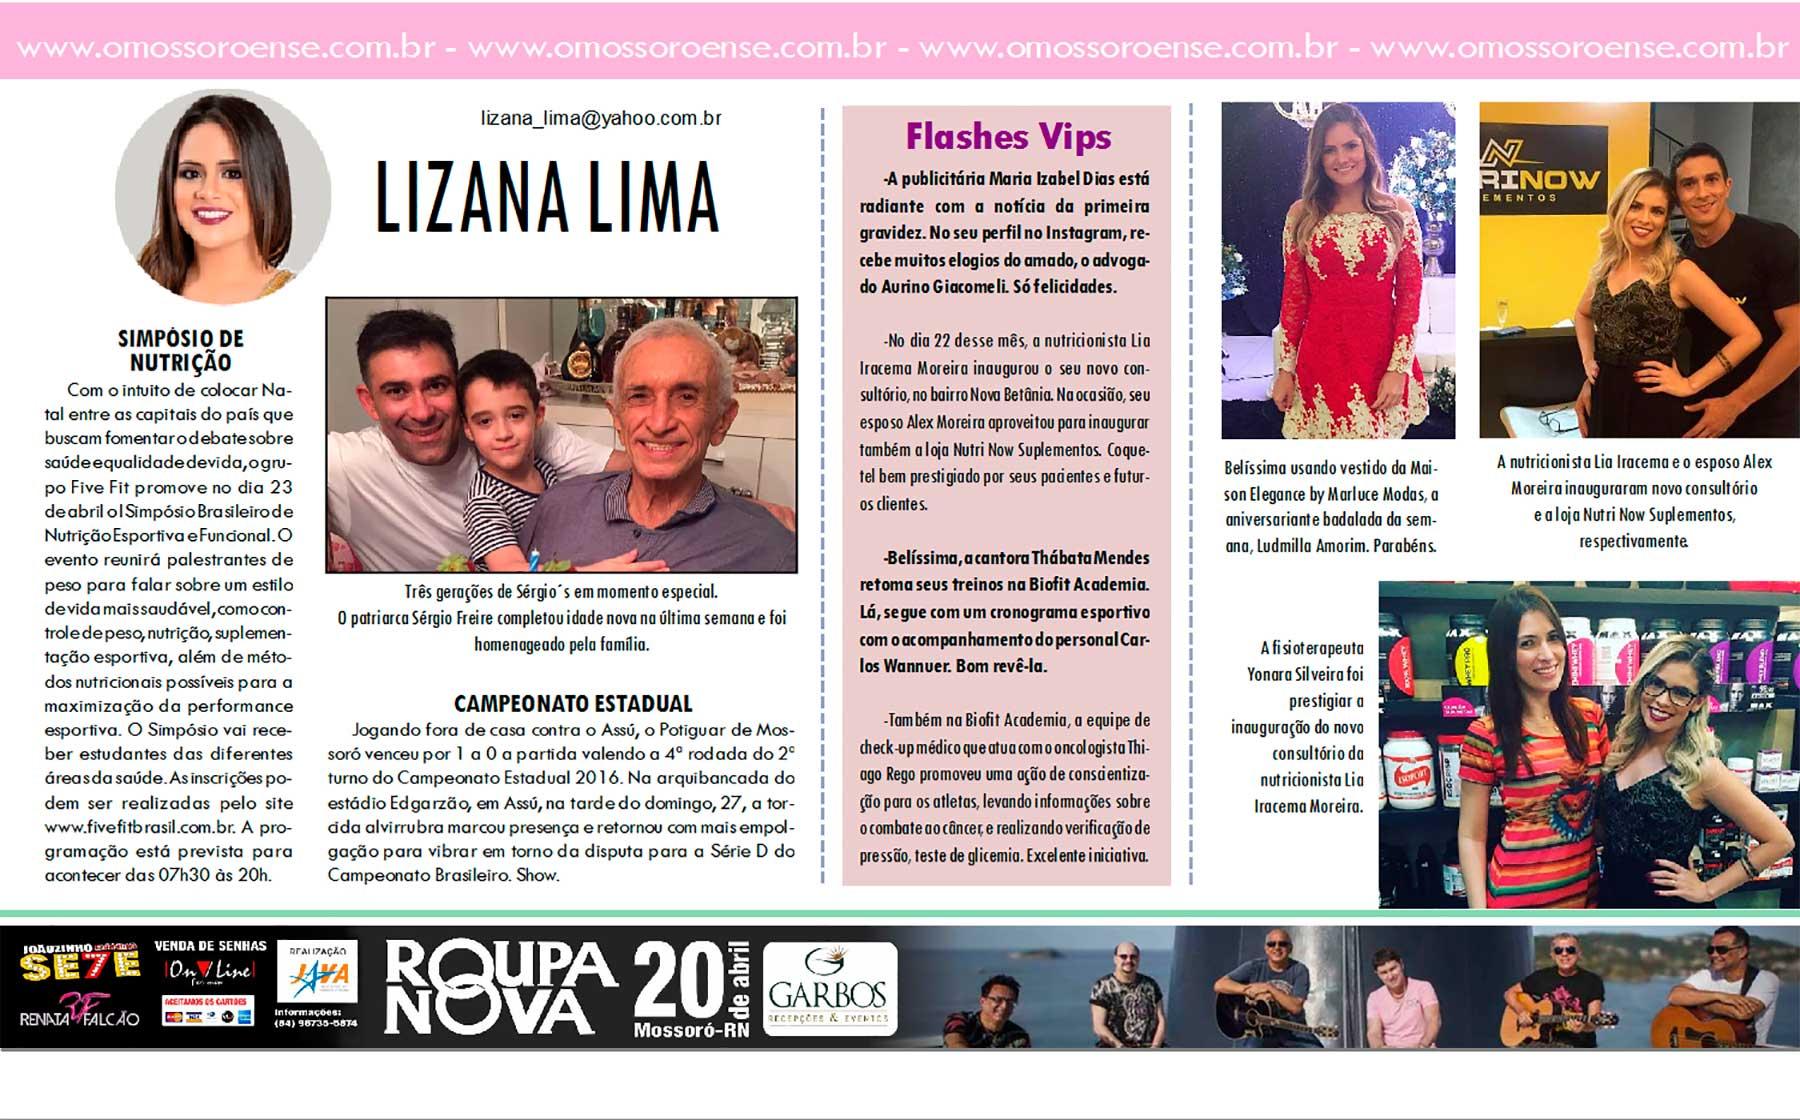 LIZANA-LIMA-28-03-16